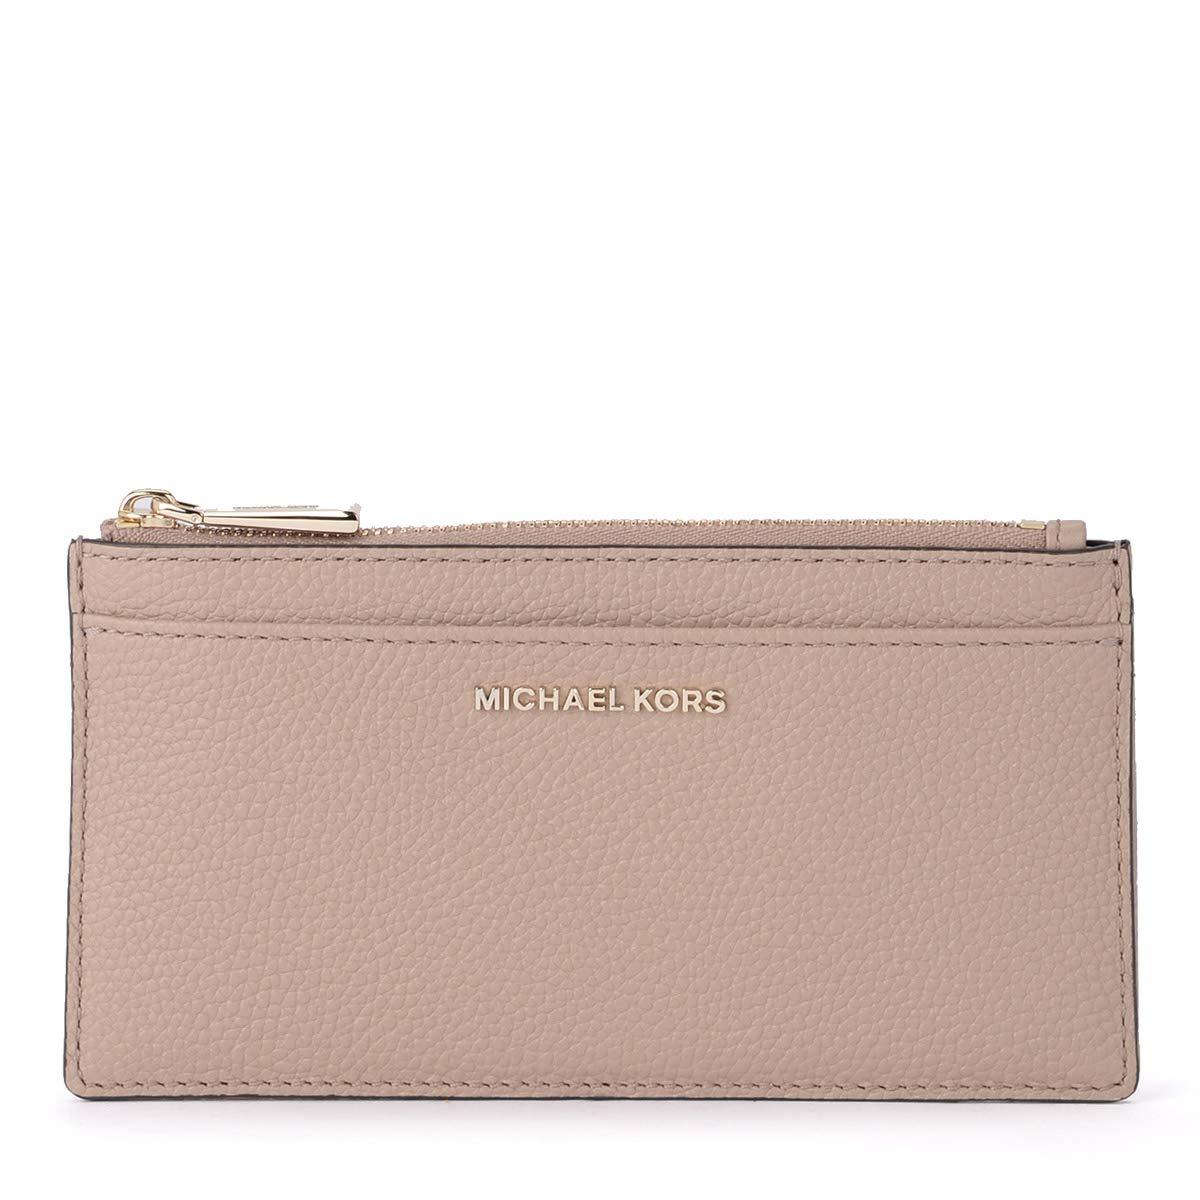 Michael Kors Women's Leather Wallets, 32T8TF6D7L_208_TRUFFLE